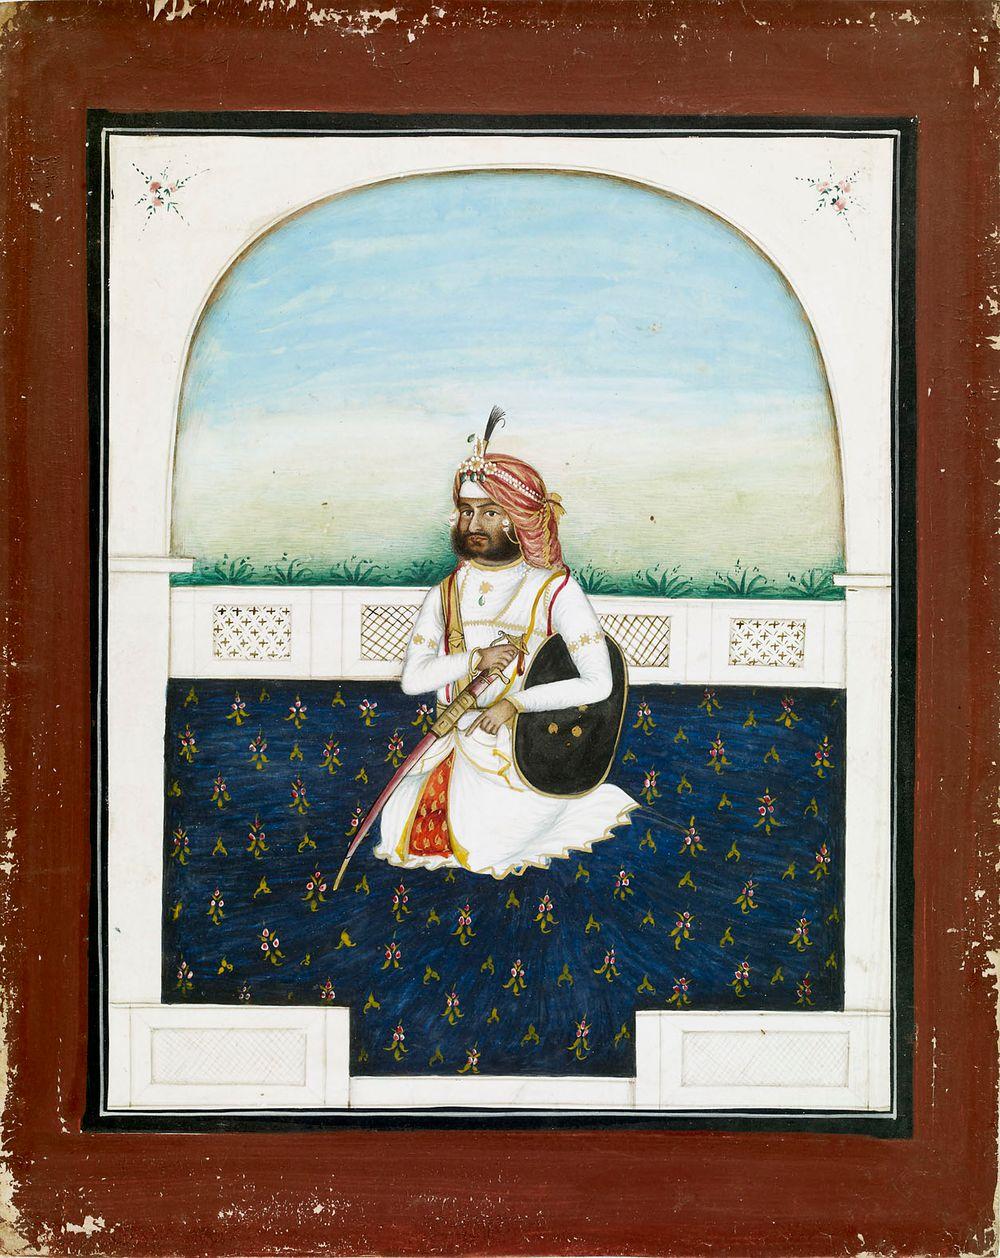 Jawaiir Singh